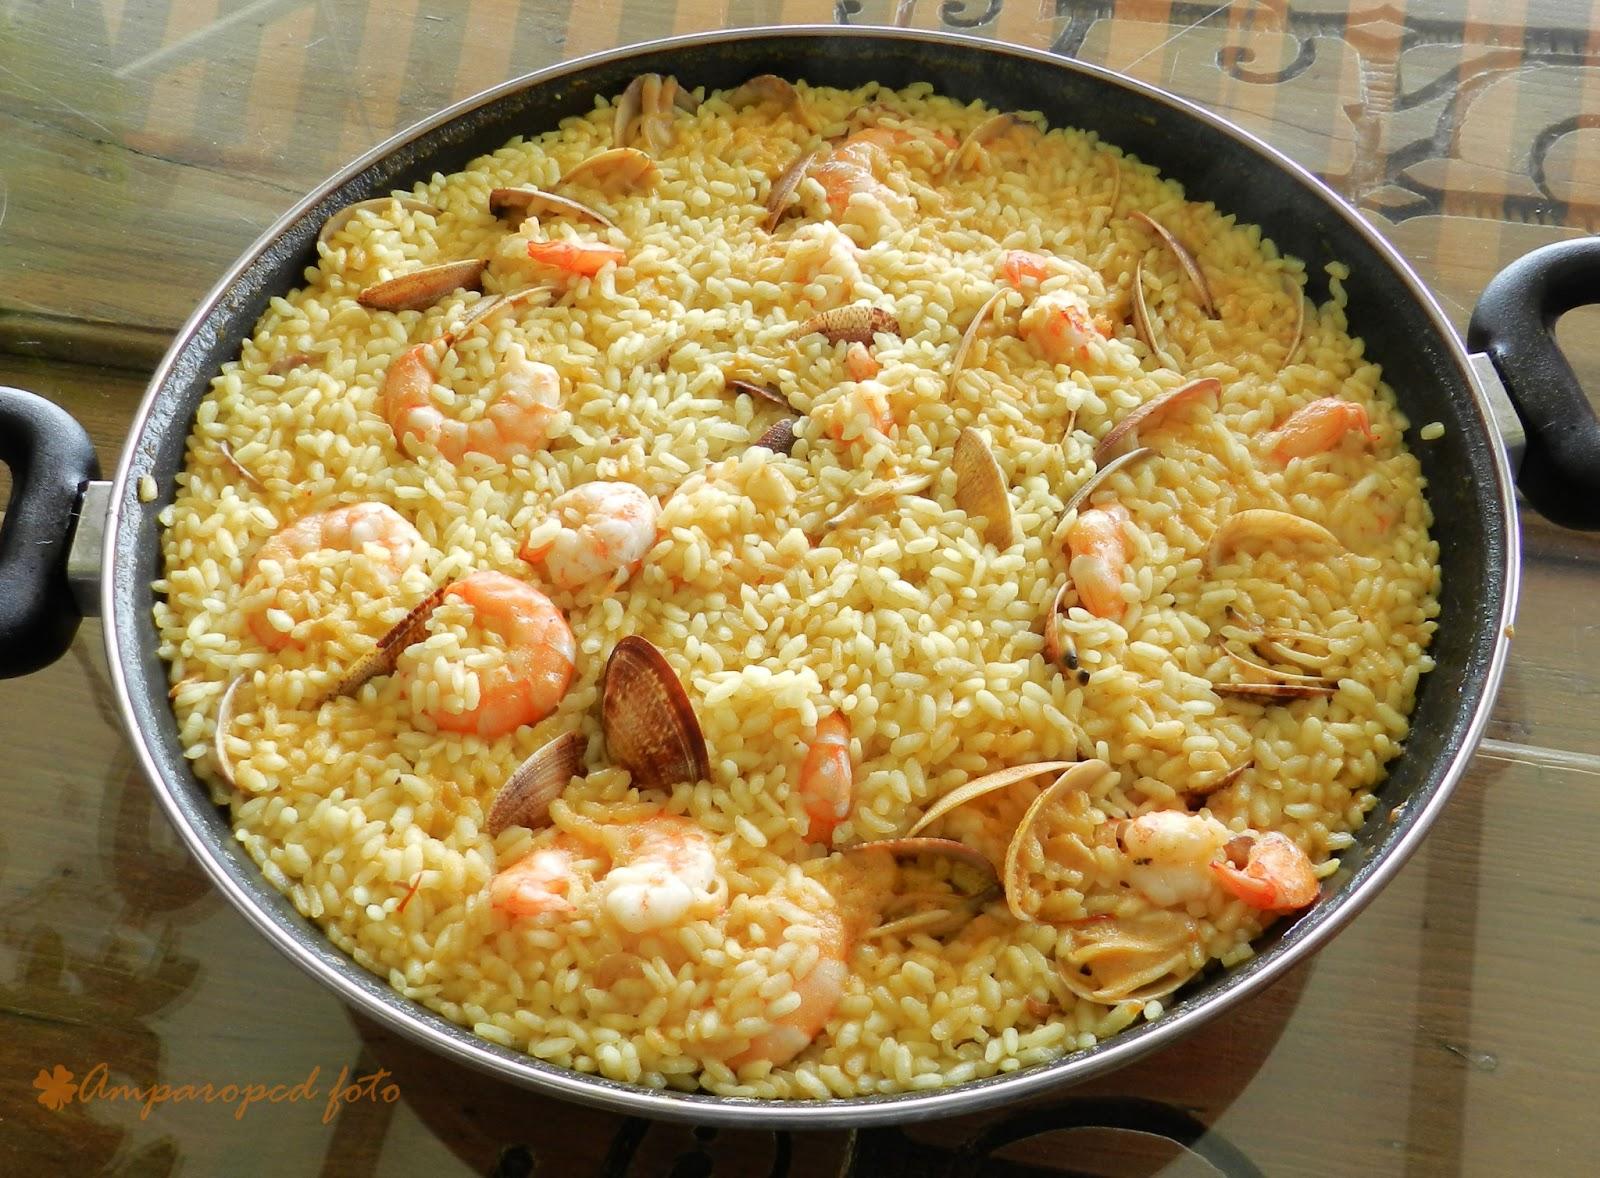 Cocinando en casa arroz con almejas y langostinos - Arroz con gambas y almejas ...